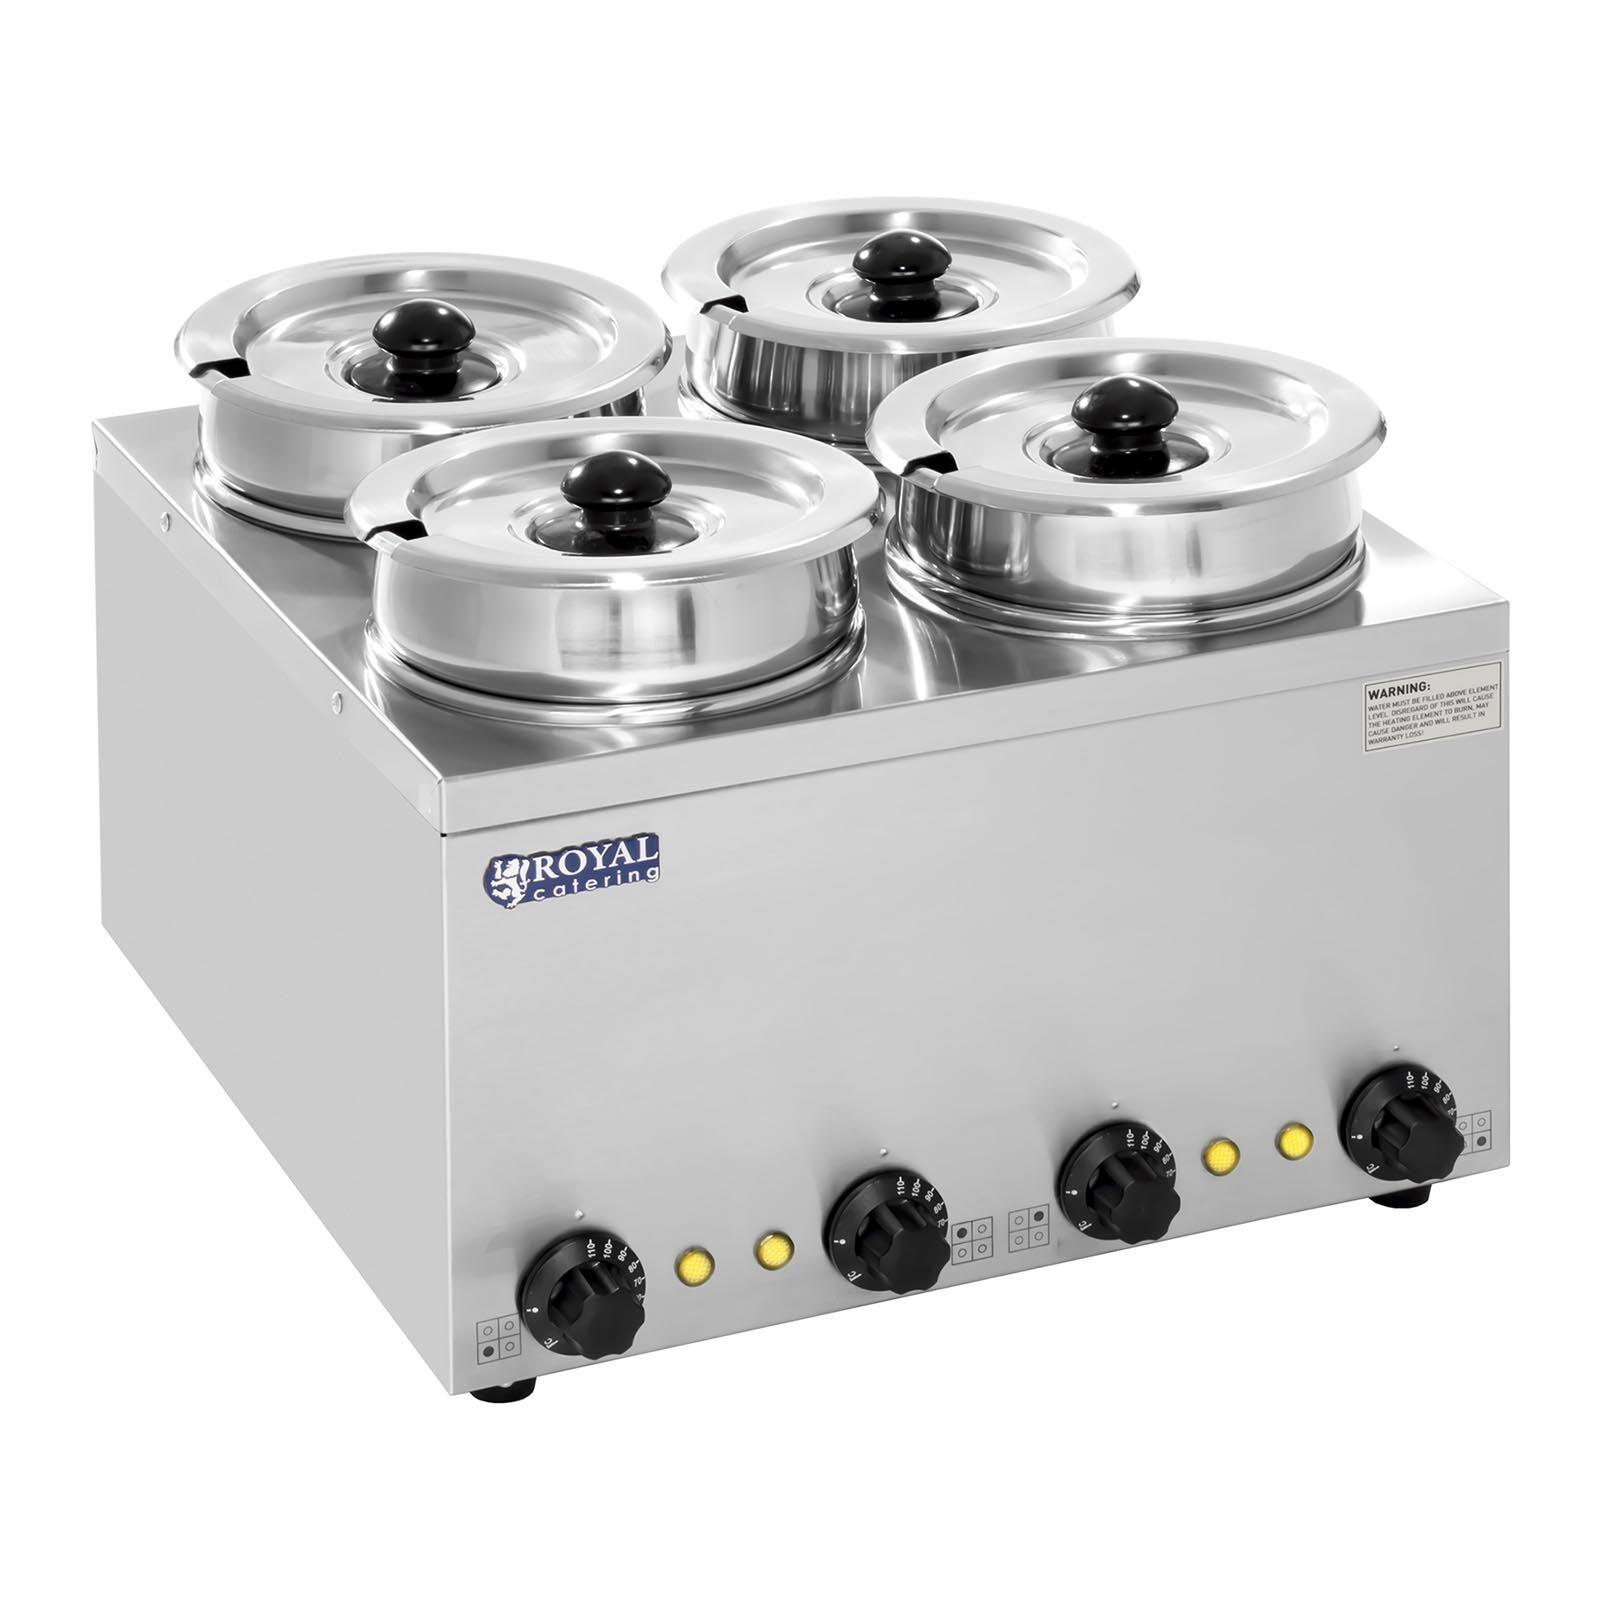 Royal Catering Distributeur de soupe - 4 réservoirs - 2,75 litres - 600 W